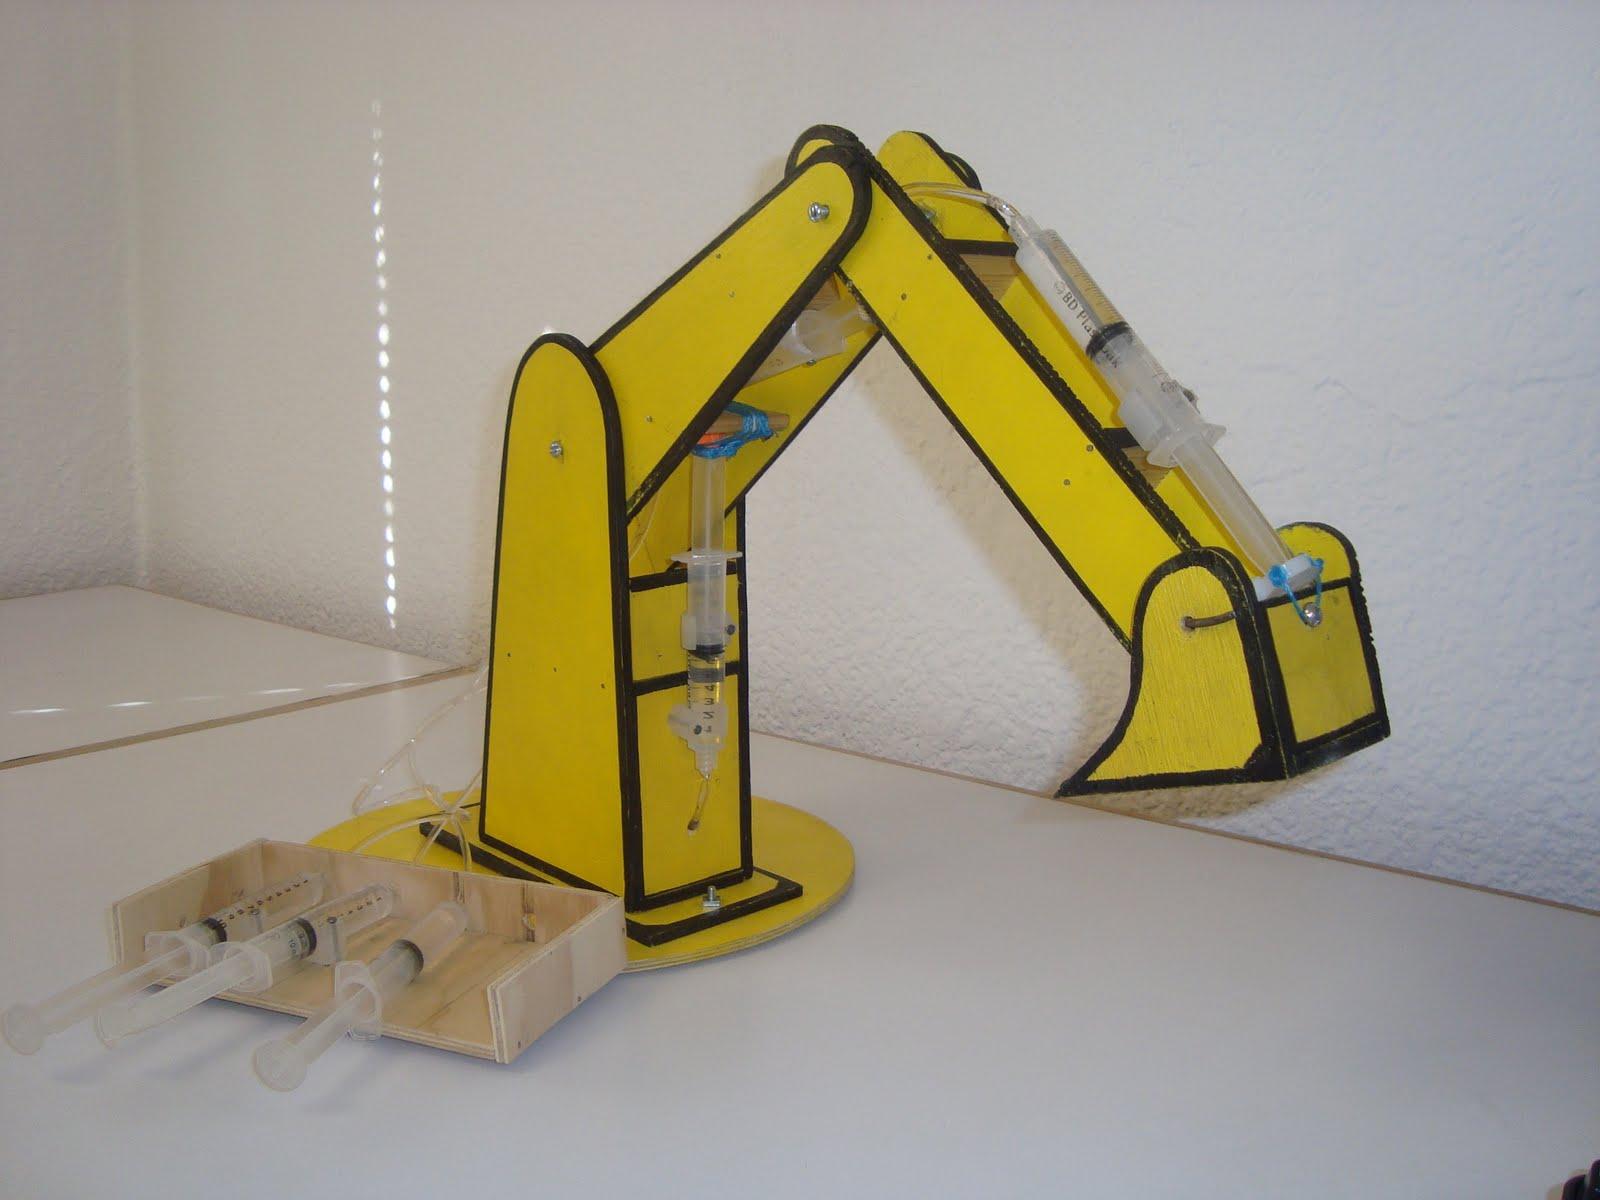 Un brazo hidráulico es una estructura o aparato mecánico que se divide en tres partes unidas entre si y que se pueden mover independiente mente una de la